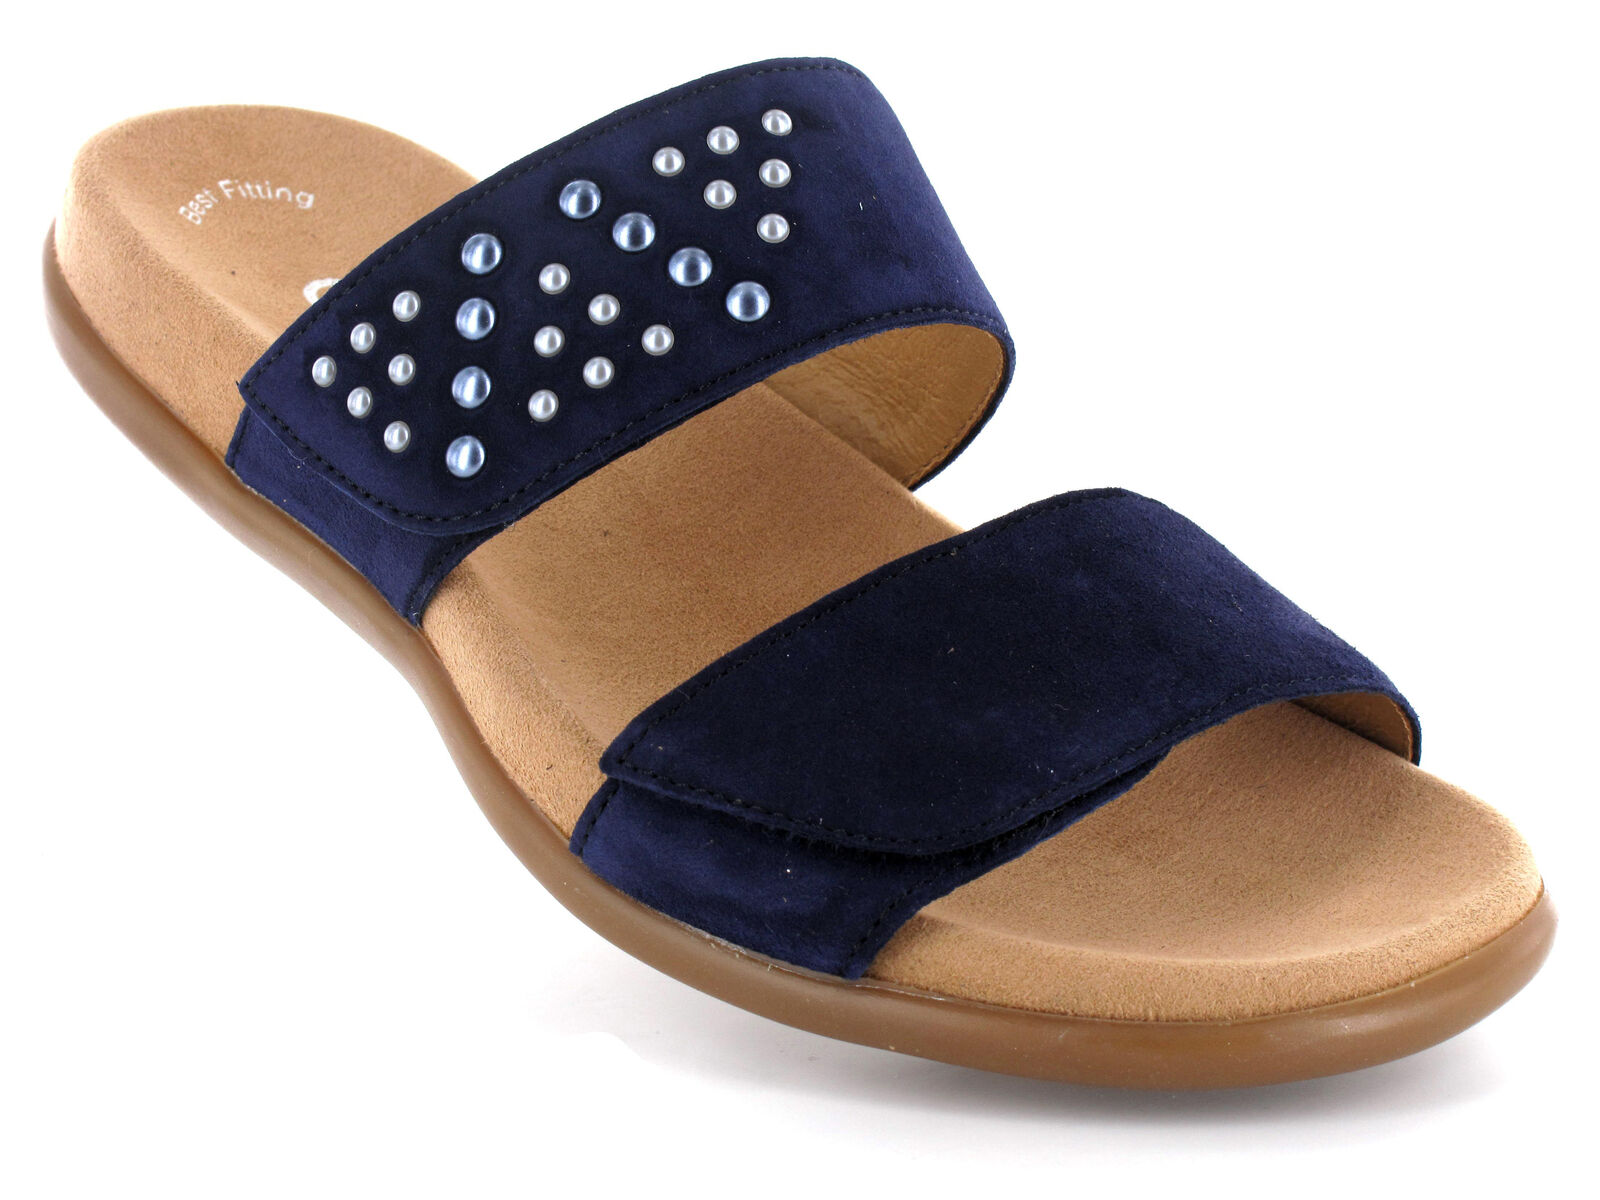 GABOR Bequem Pantolette Sandale BEST FITTING Blautte 83.701.16